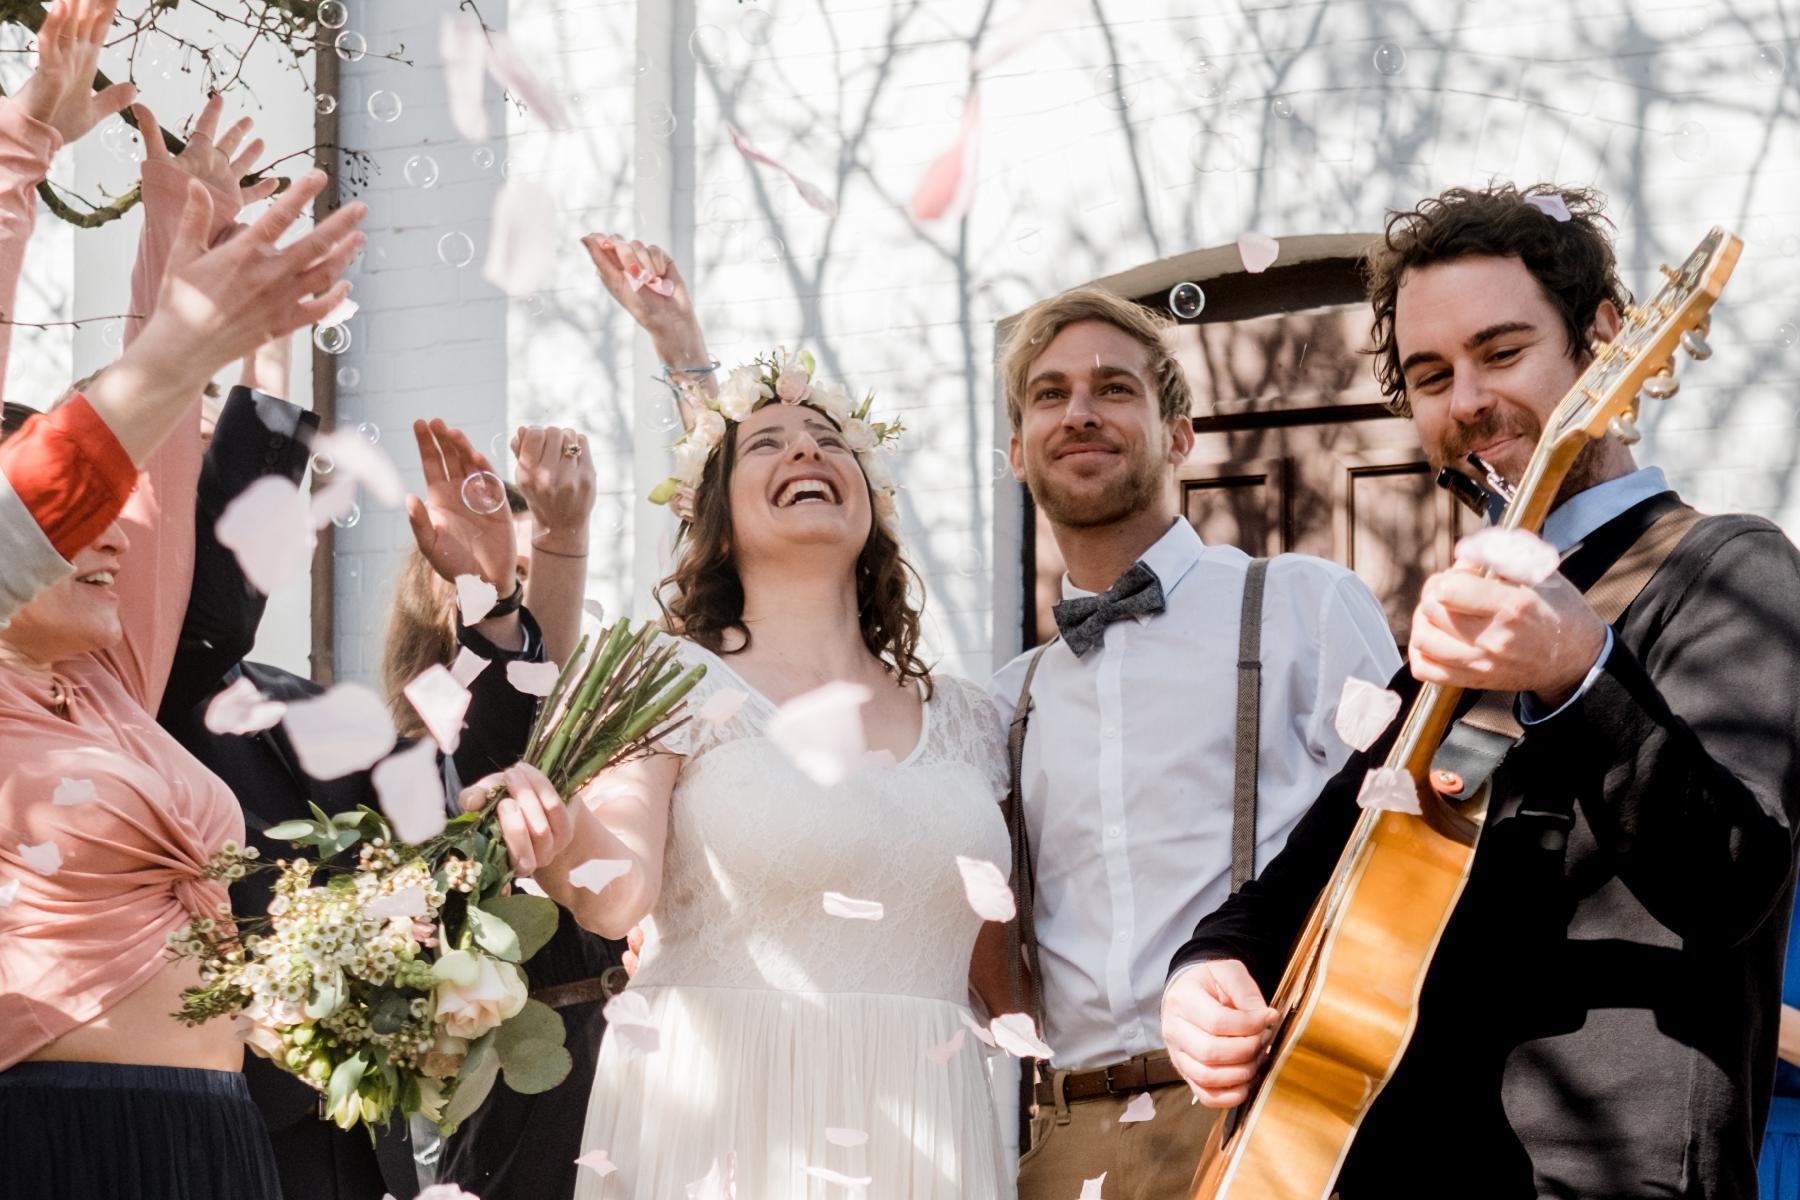 Ehepaar und Musiker bei Auszug aus Kirche mit Rosenblättern